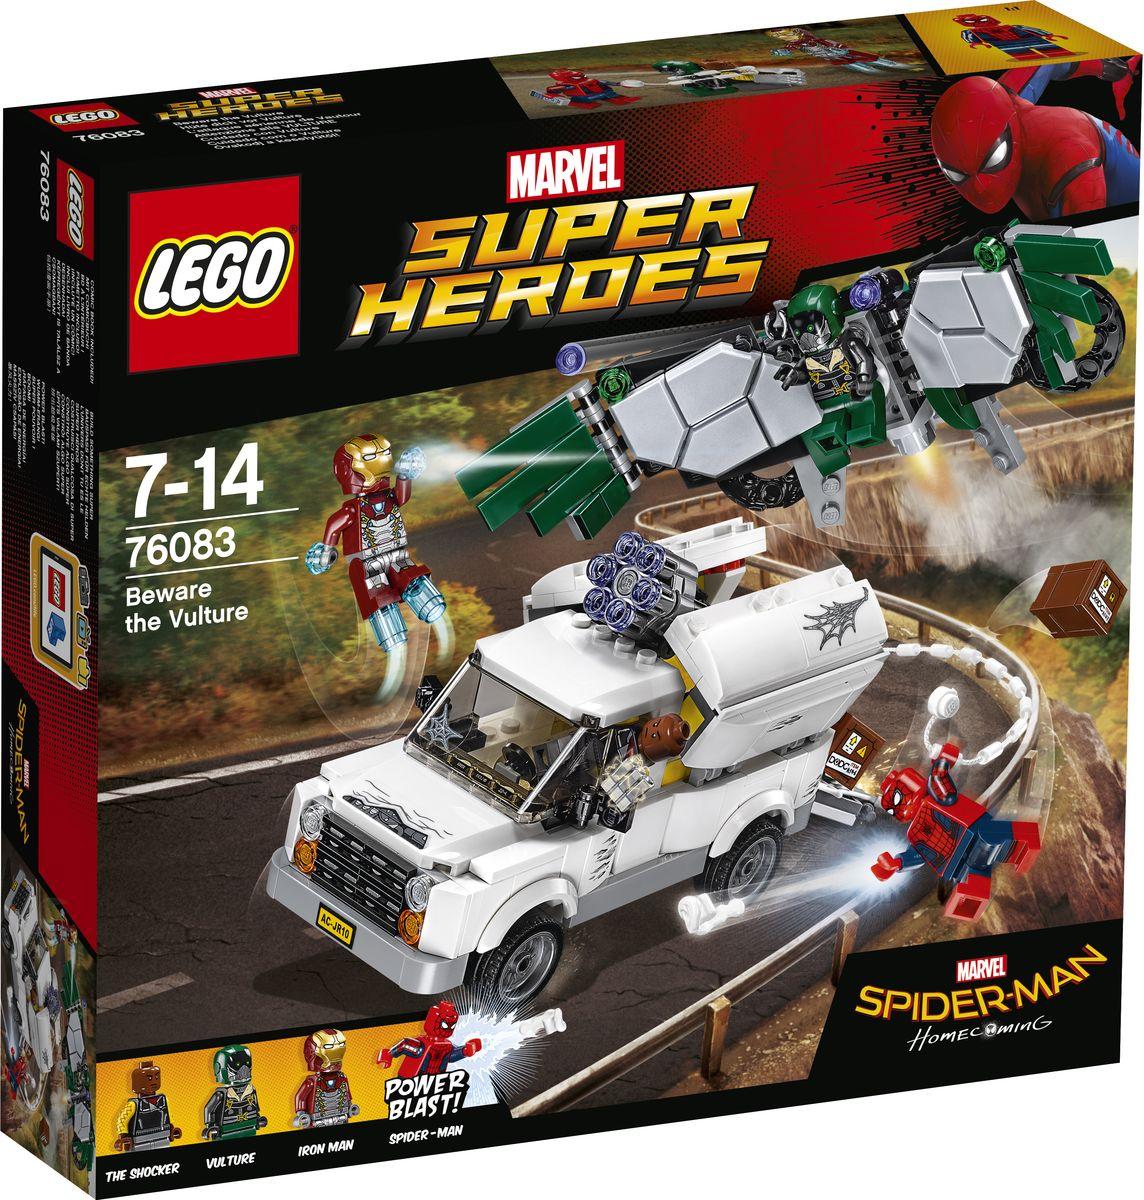 LEGO Super Heroes Конструктор Берегись Стервятника 76083 lego super heroes конструктор берегись стервятника 76083